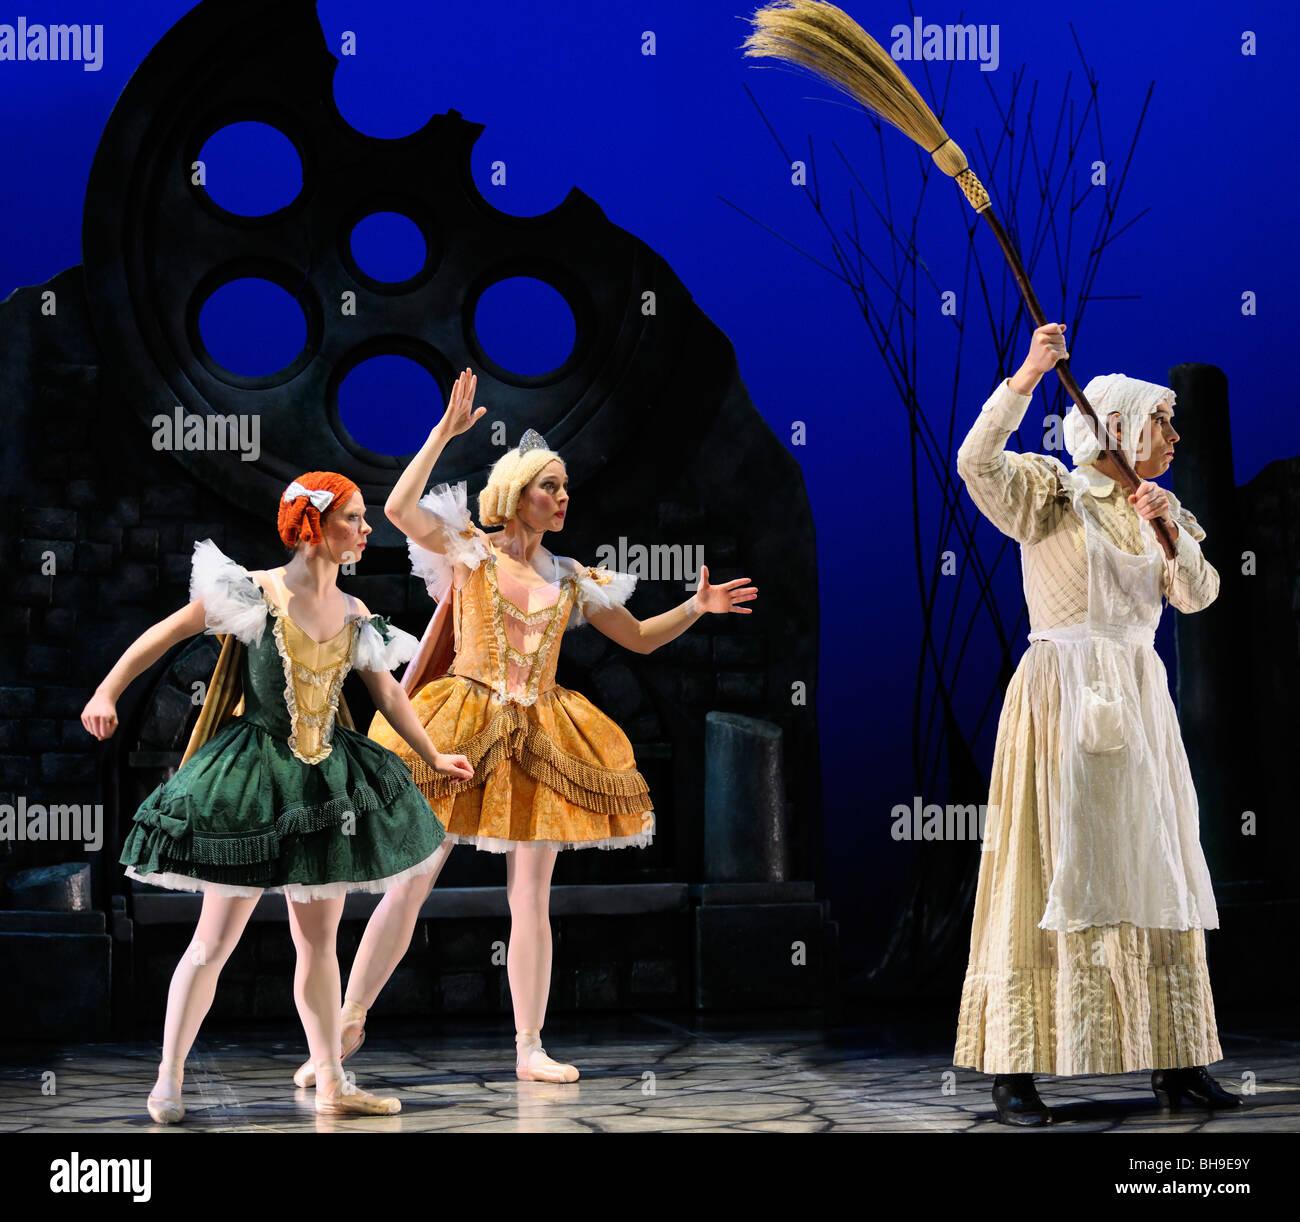 Belle-mère avec balai et demi-sœurs gelés par fée marraine dans le Ballet Jorgen production de Cendrillon Photo Stock